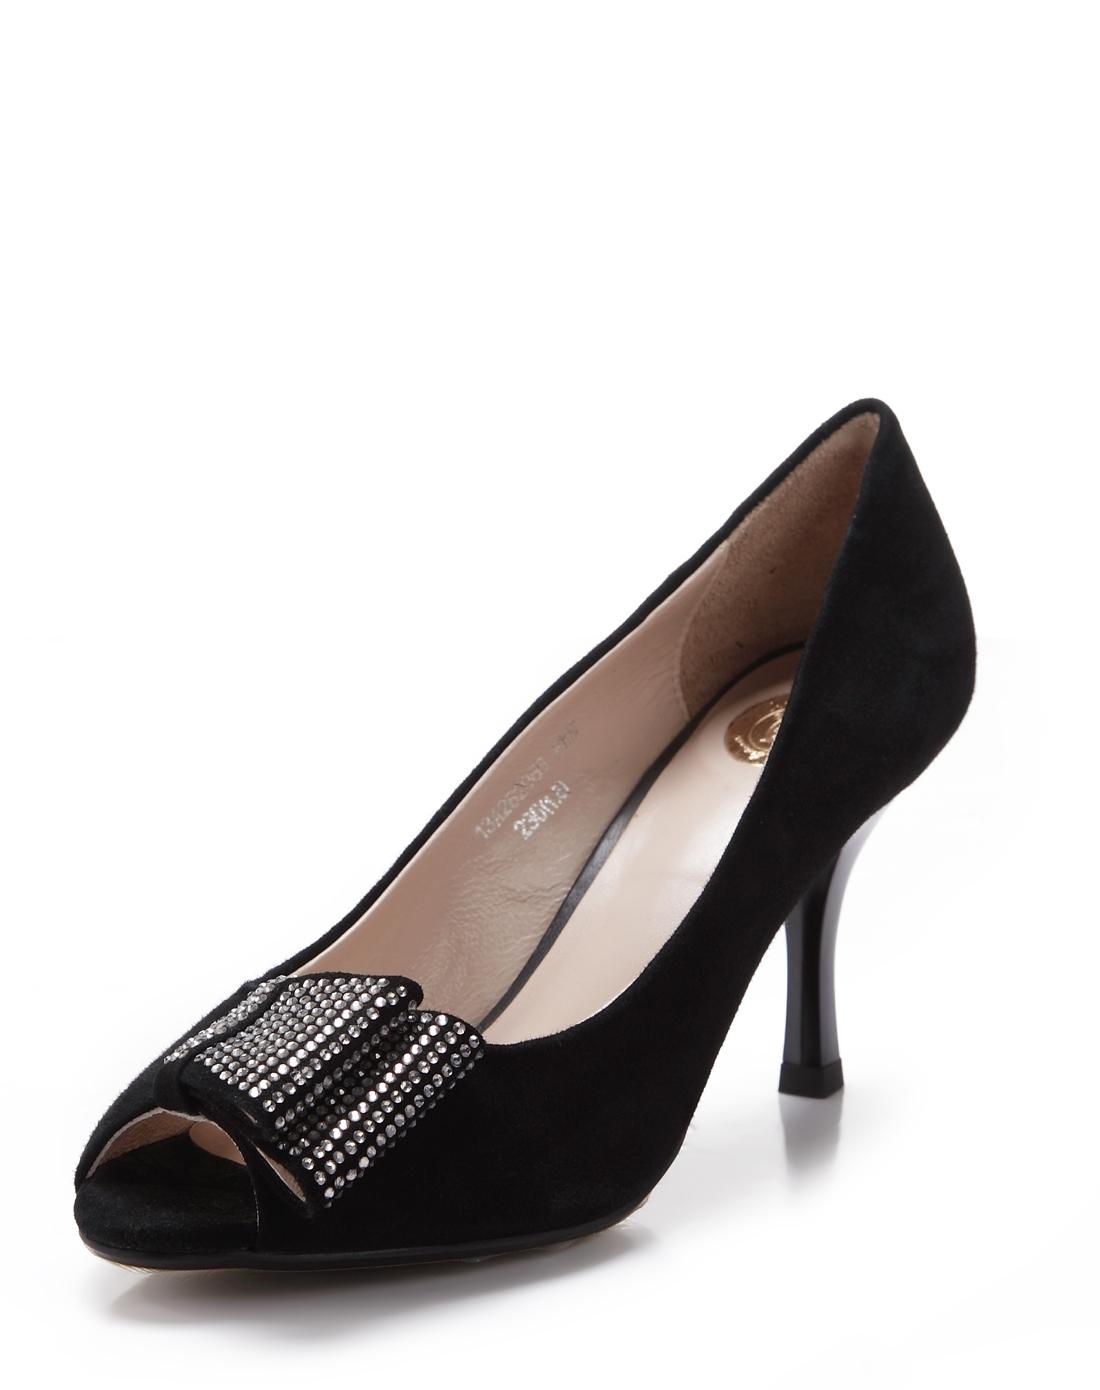 黑色京水钻细跟高跟鞋